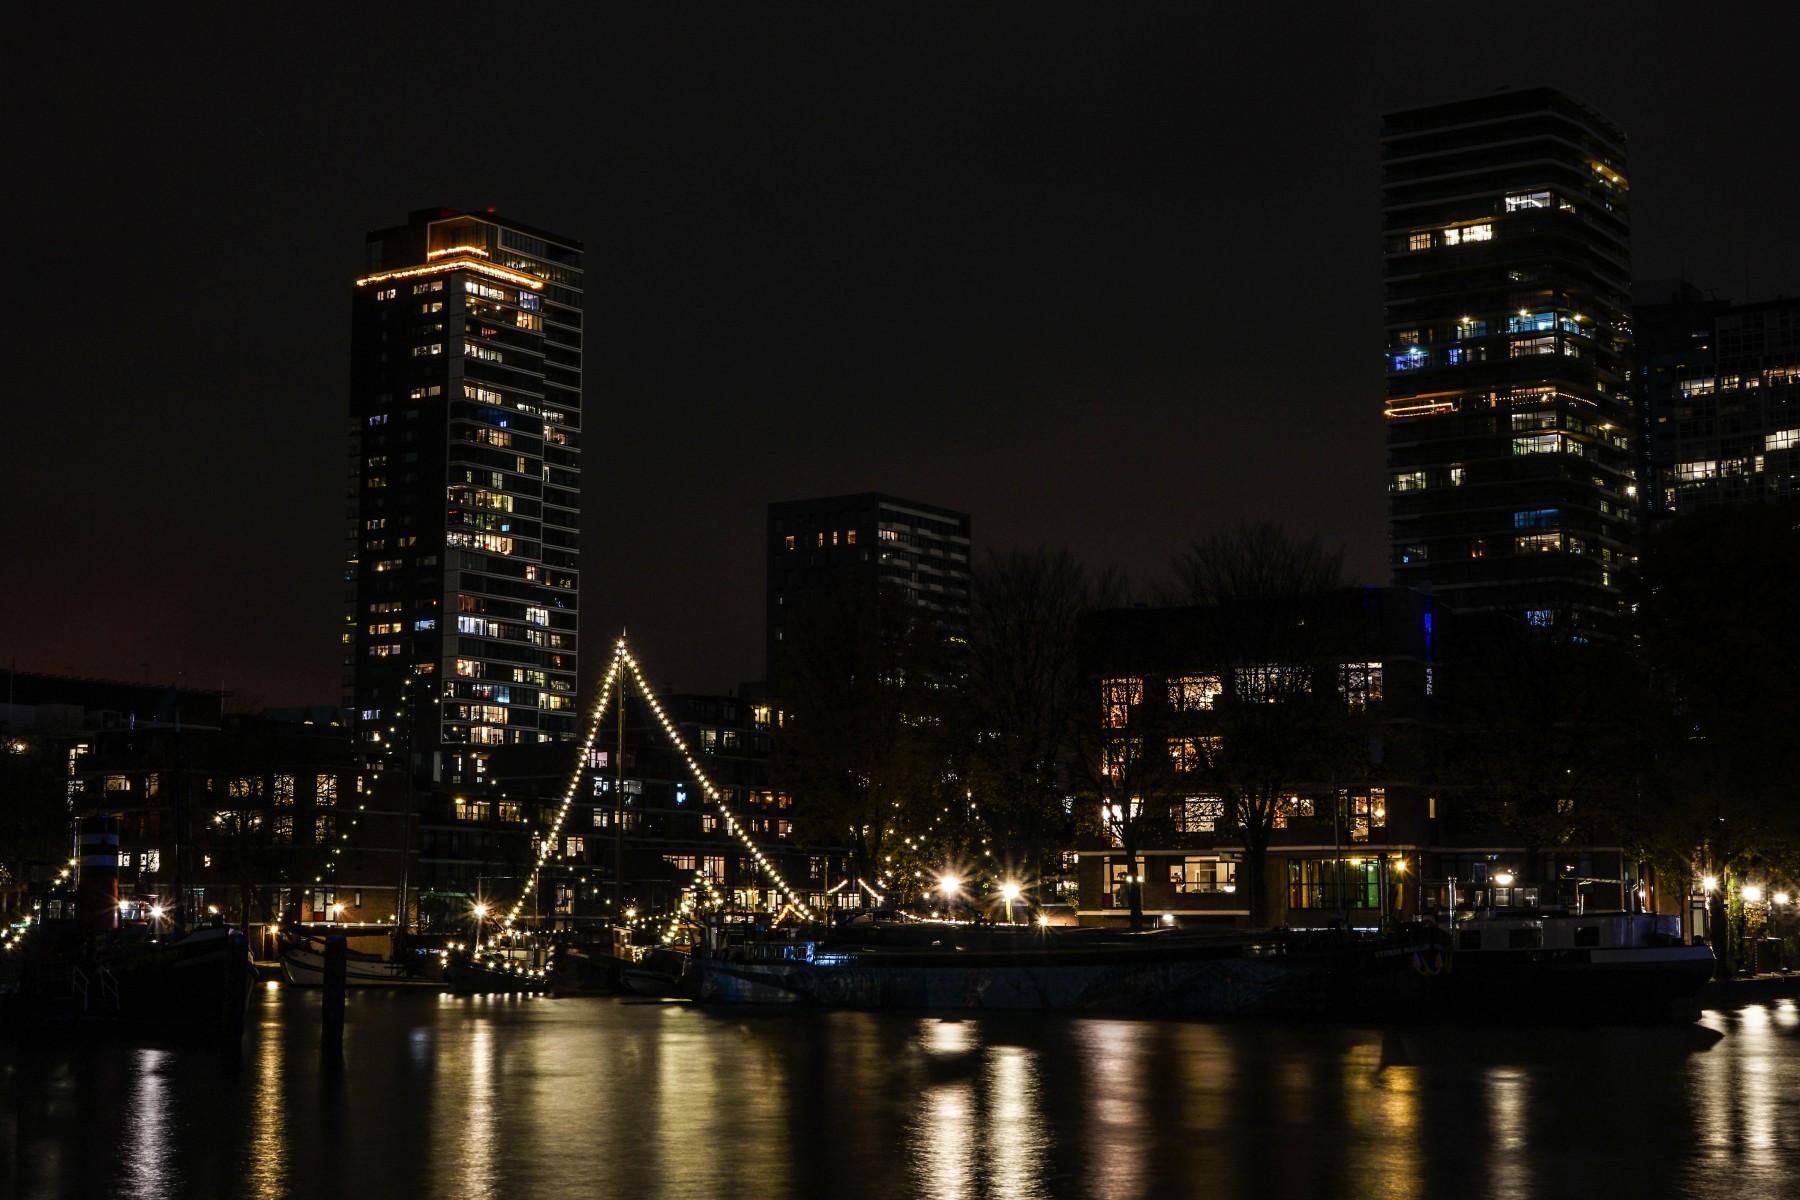 004-nachtfotografie-rotterdam-ruud